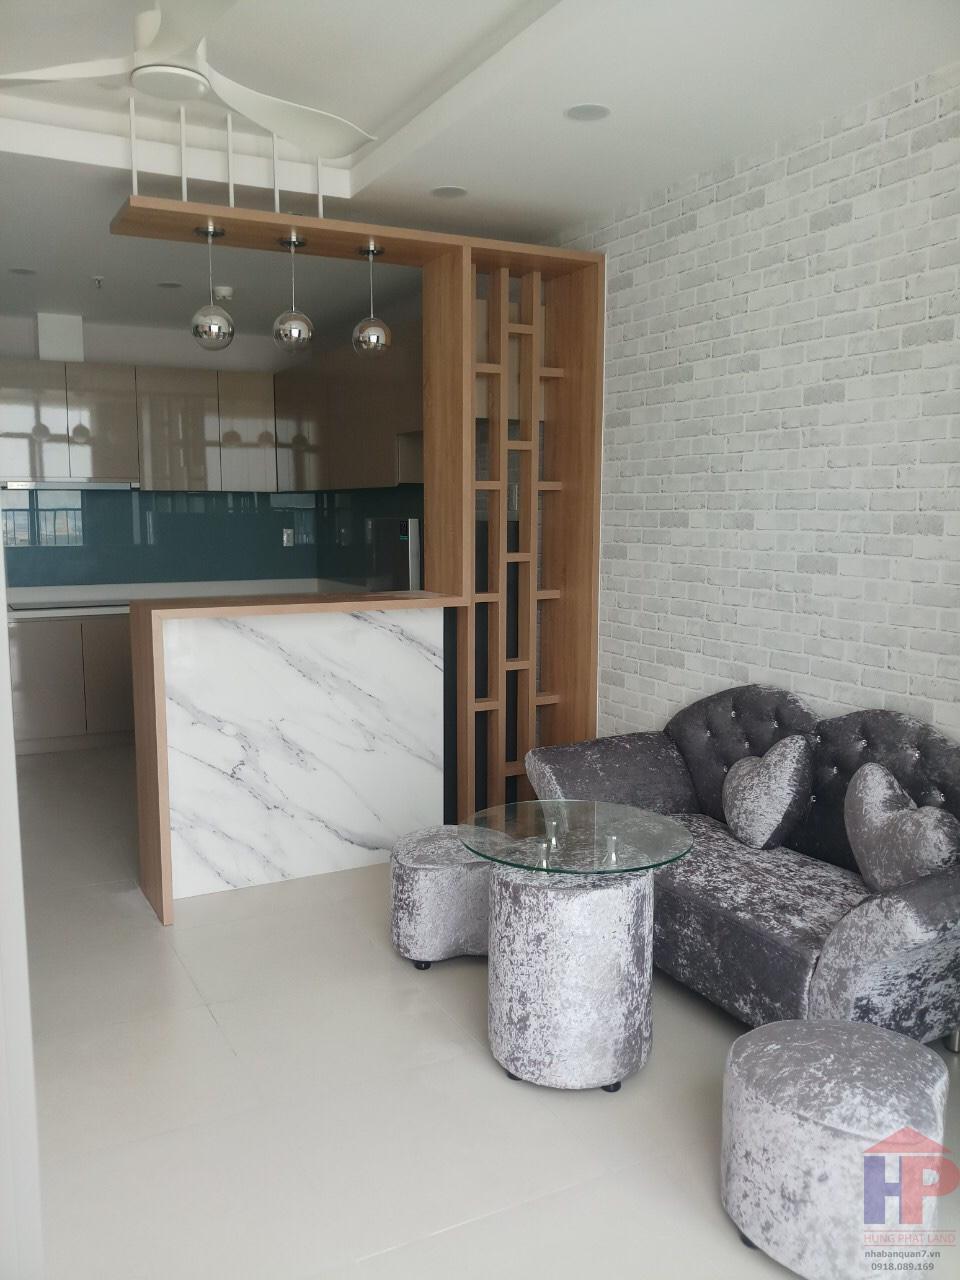 Bán căn hộ Jamona Heights đường Bùi Văn Ba, phường Tân Thuận Đông, Quận 7 DT 77m2 Giá 3.7 tỷ LH 0909477288